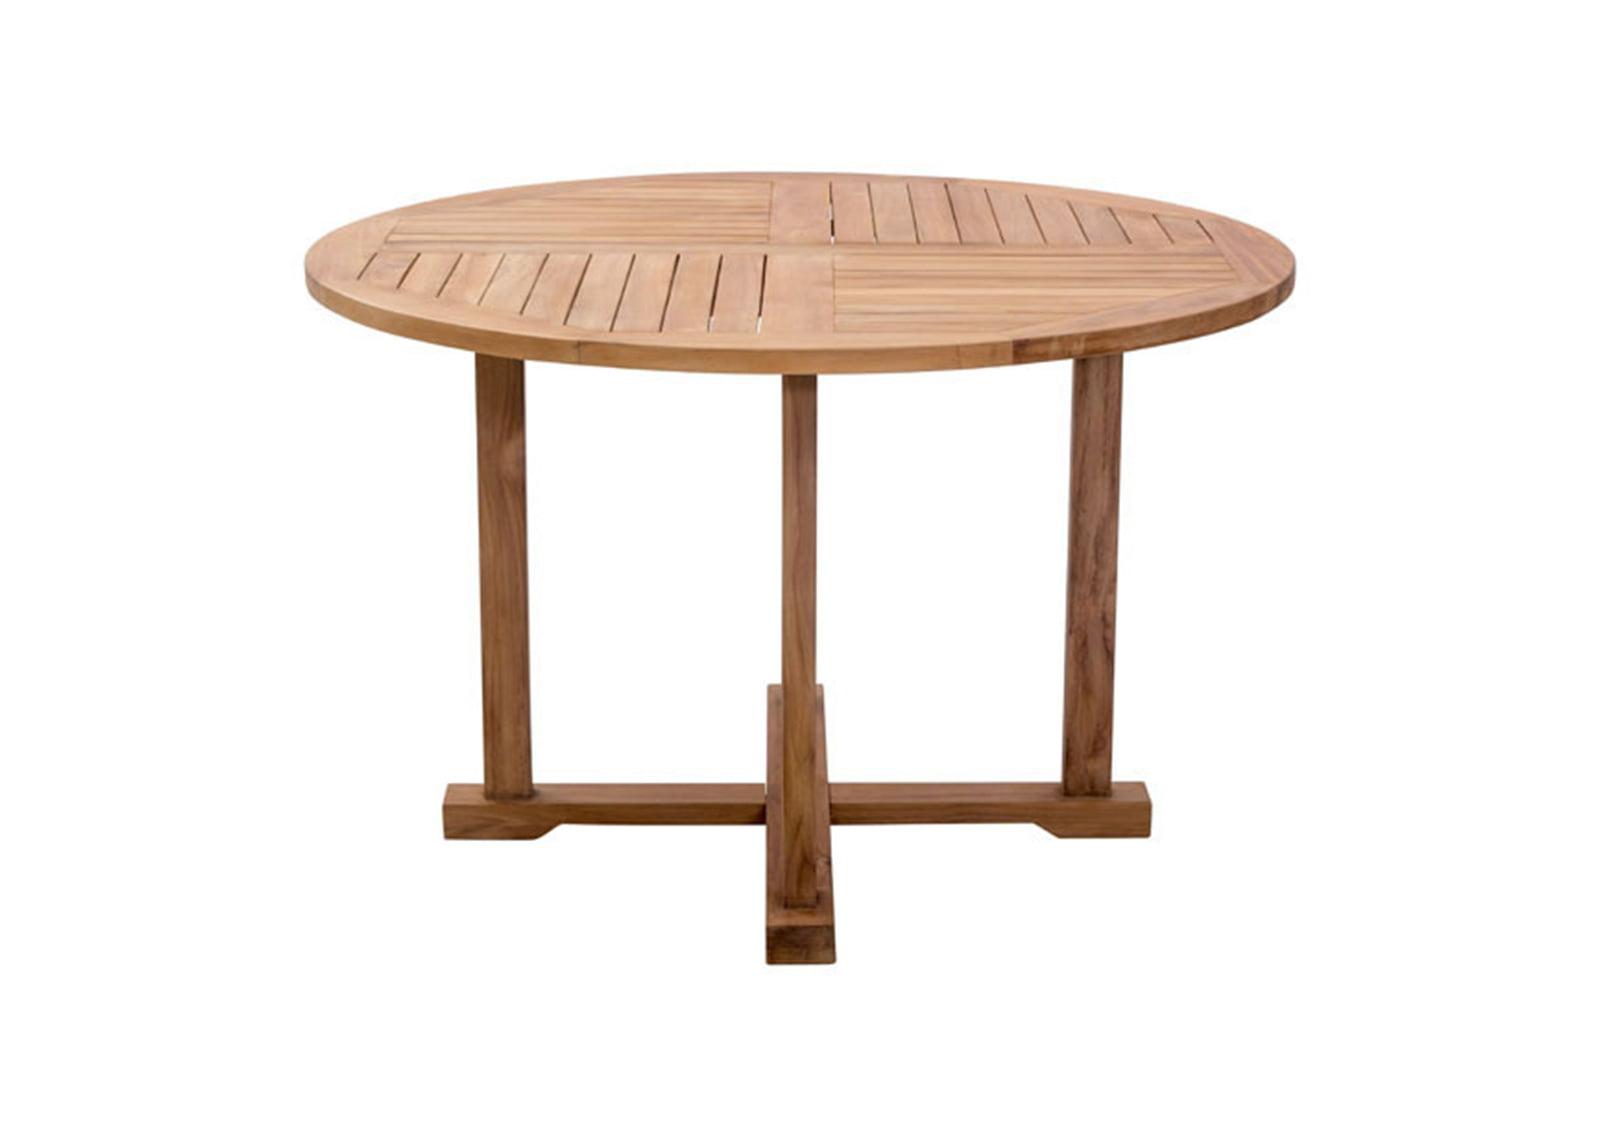 regatta dining table natural furnishplus. Black Bedroom Furniture Sets. Home Design Ideas